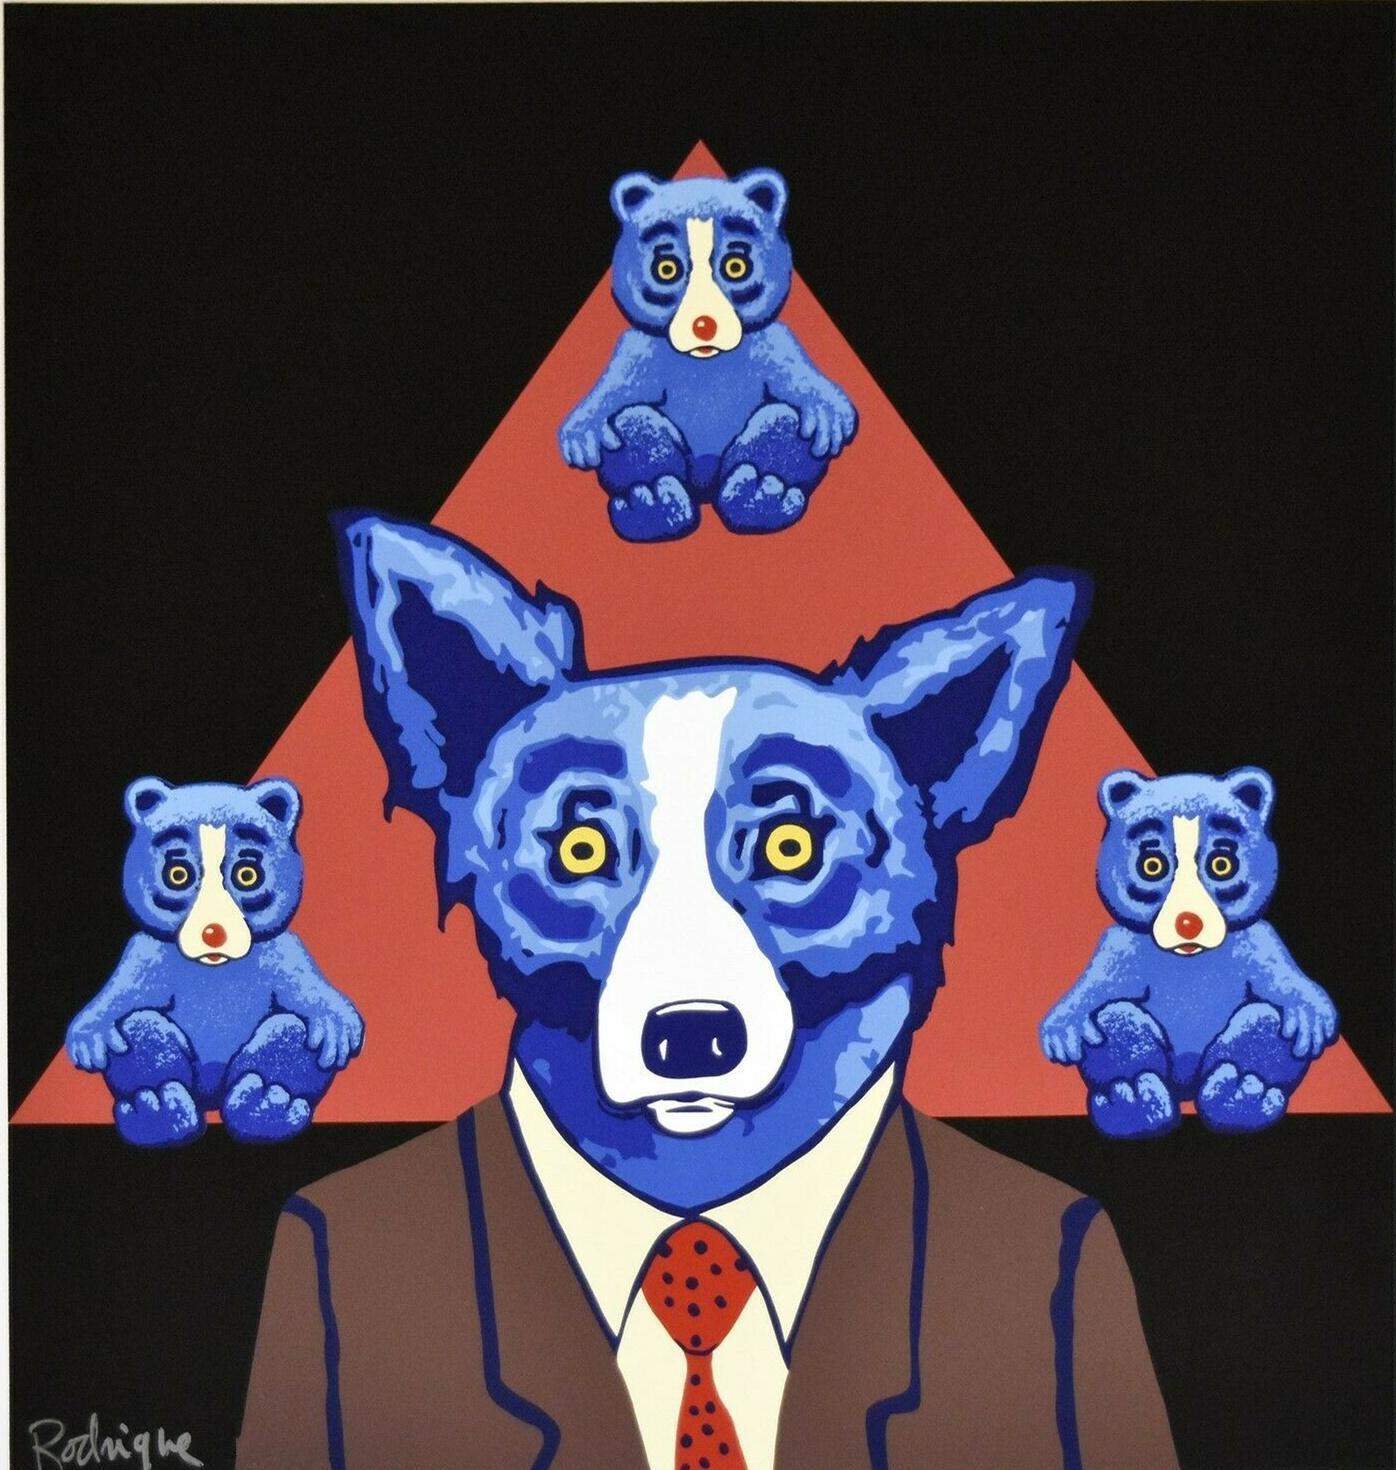 A021 # George Rodrigue Blue Dog hat Ähnlichkeit Wohnkultur Handwerk / HD-Druck-Ölgemälde auf Leinwand-Wand-Kunst-Leinwandbilder 200111